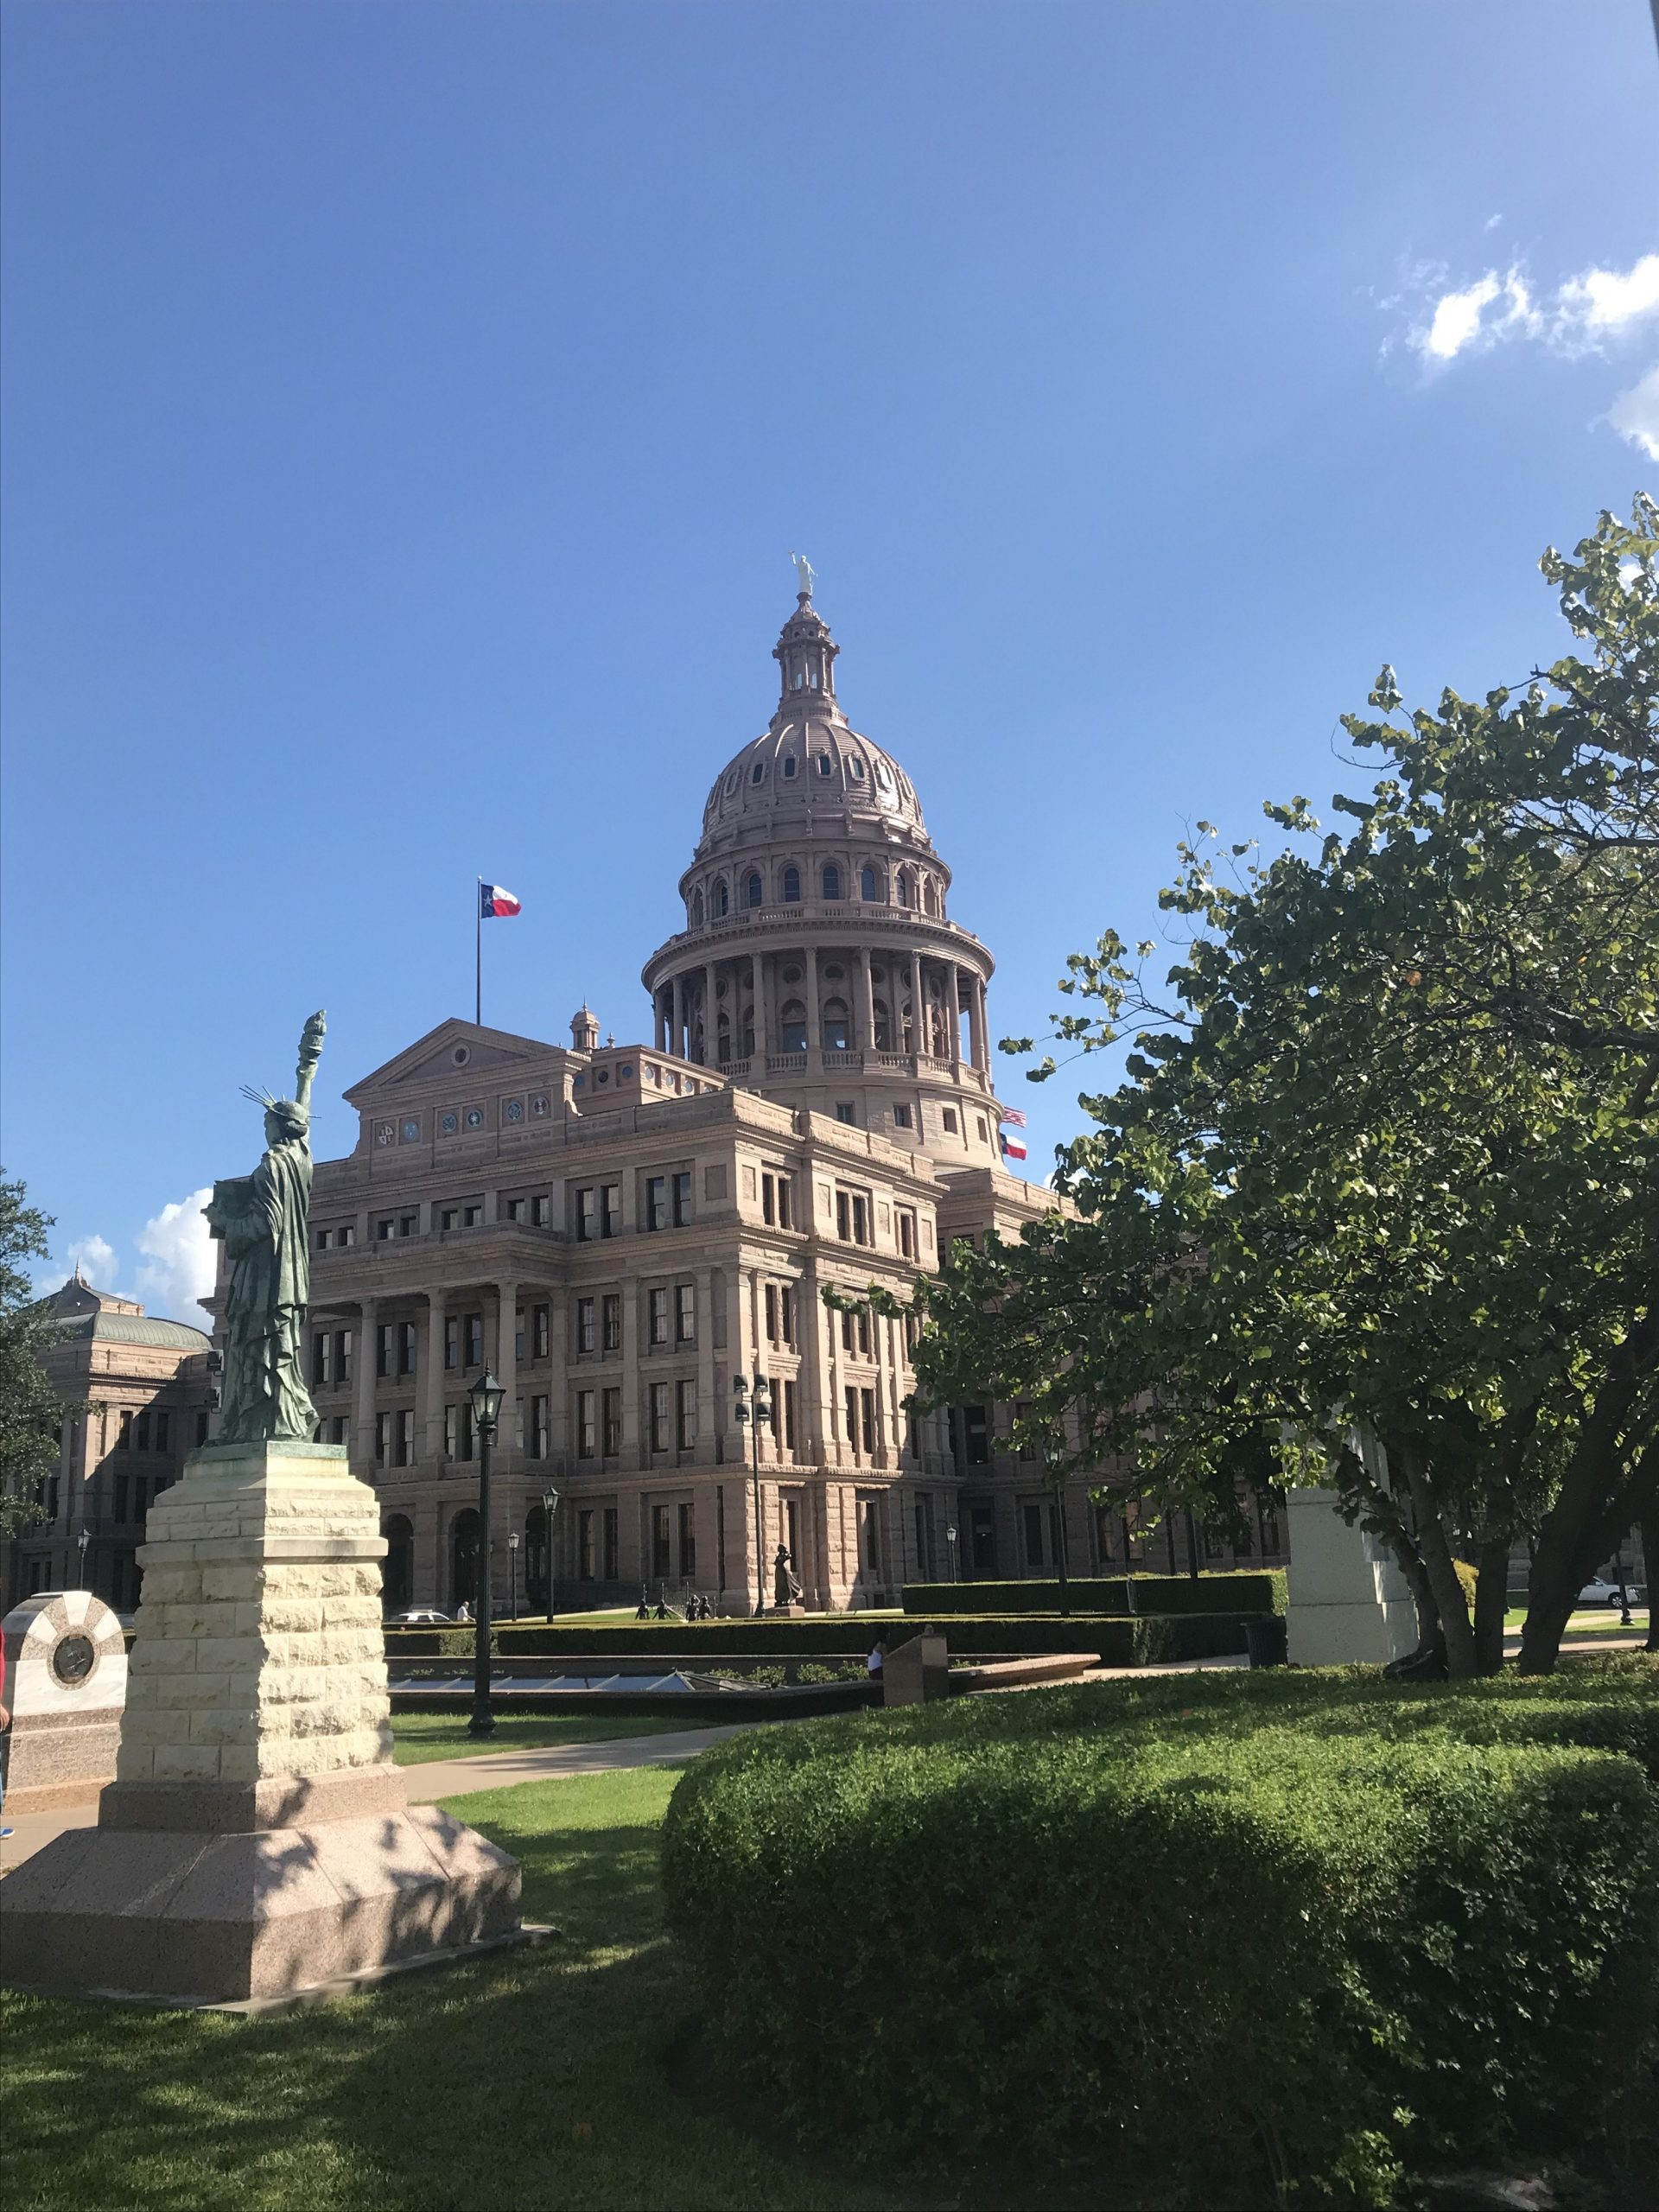 Capitol Austin